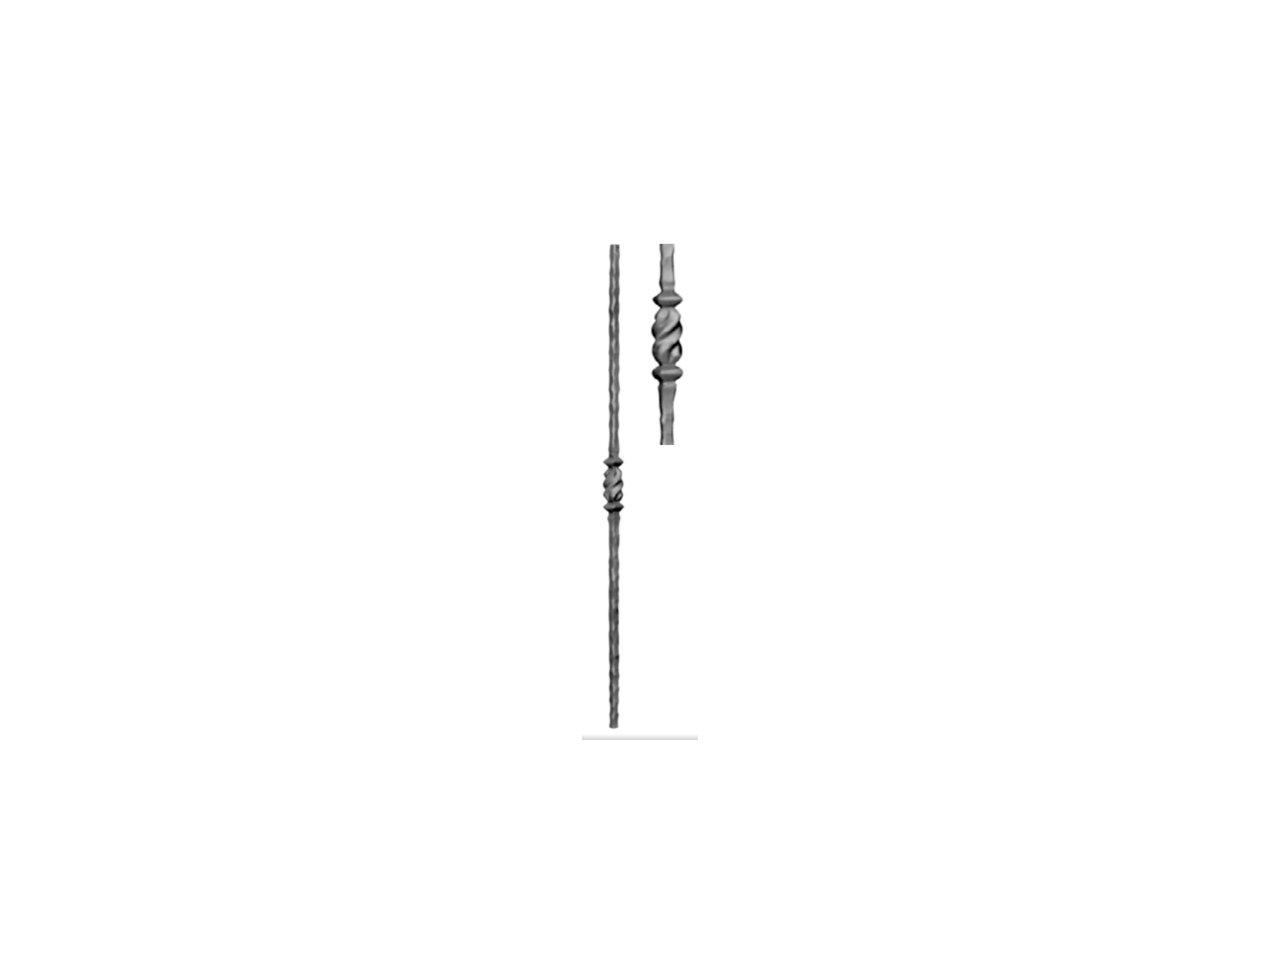 Tralka Prosta Ozdobna 111.033 1000mm